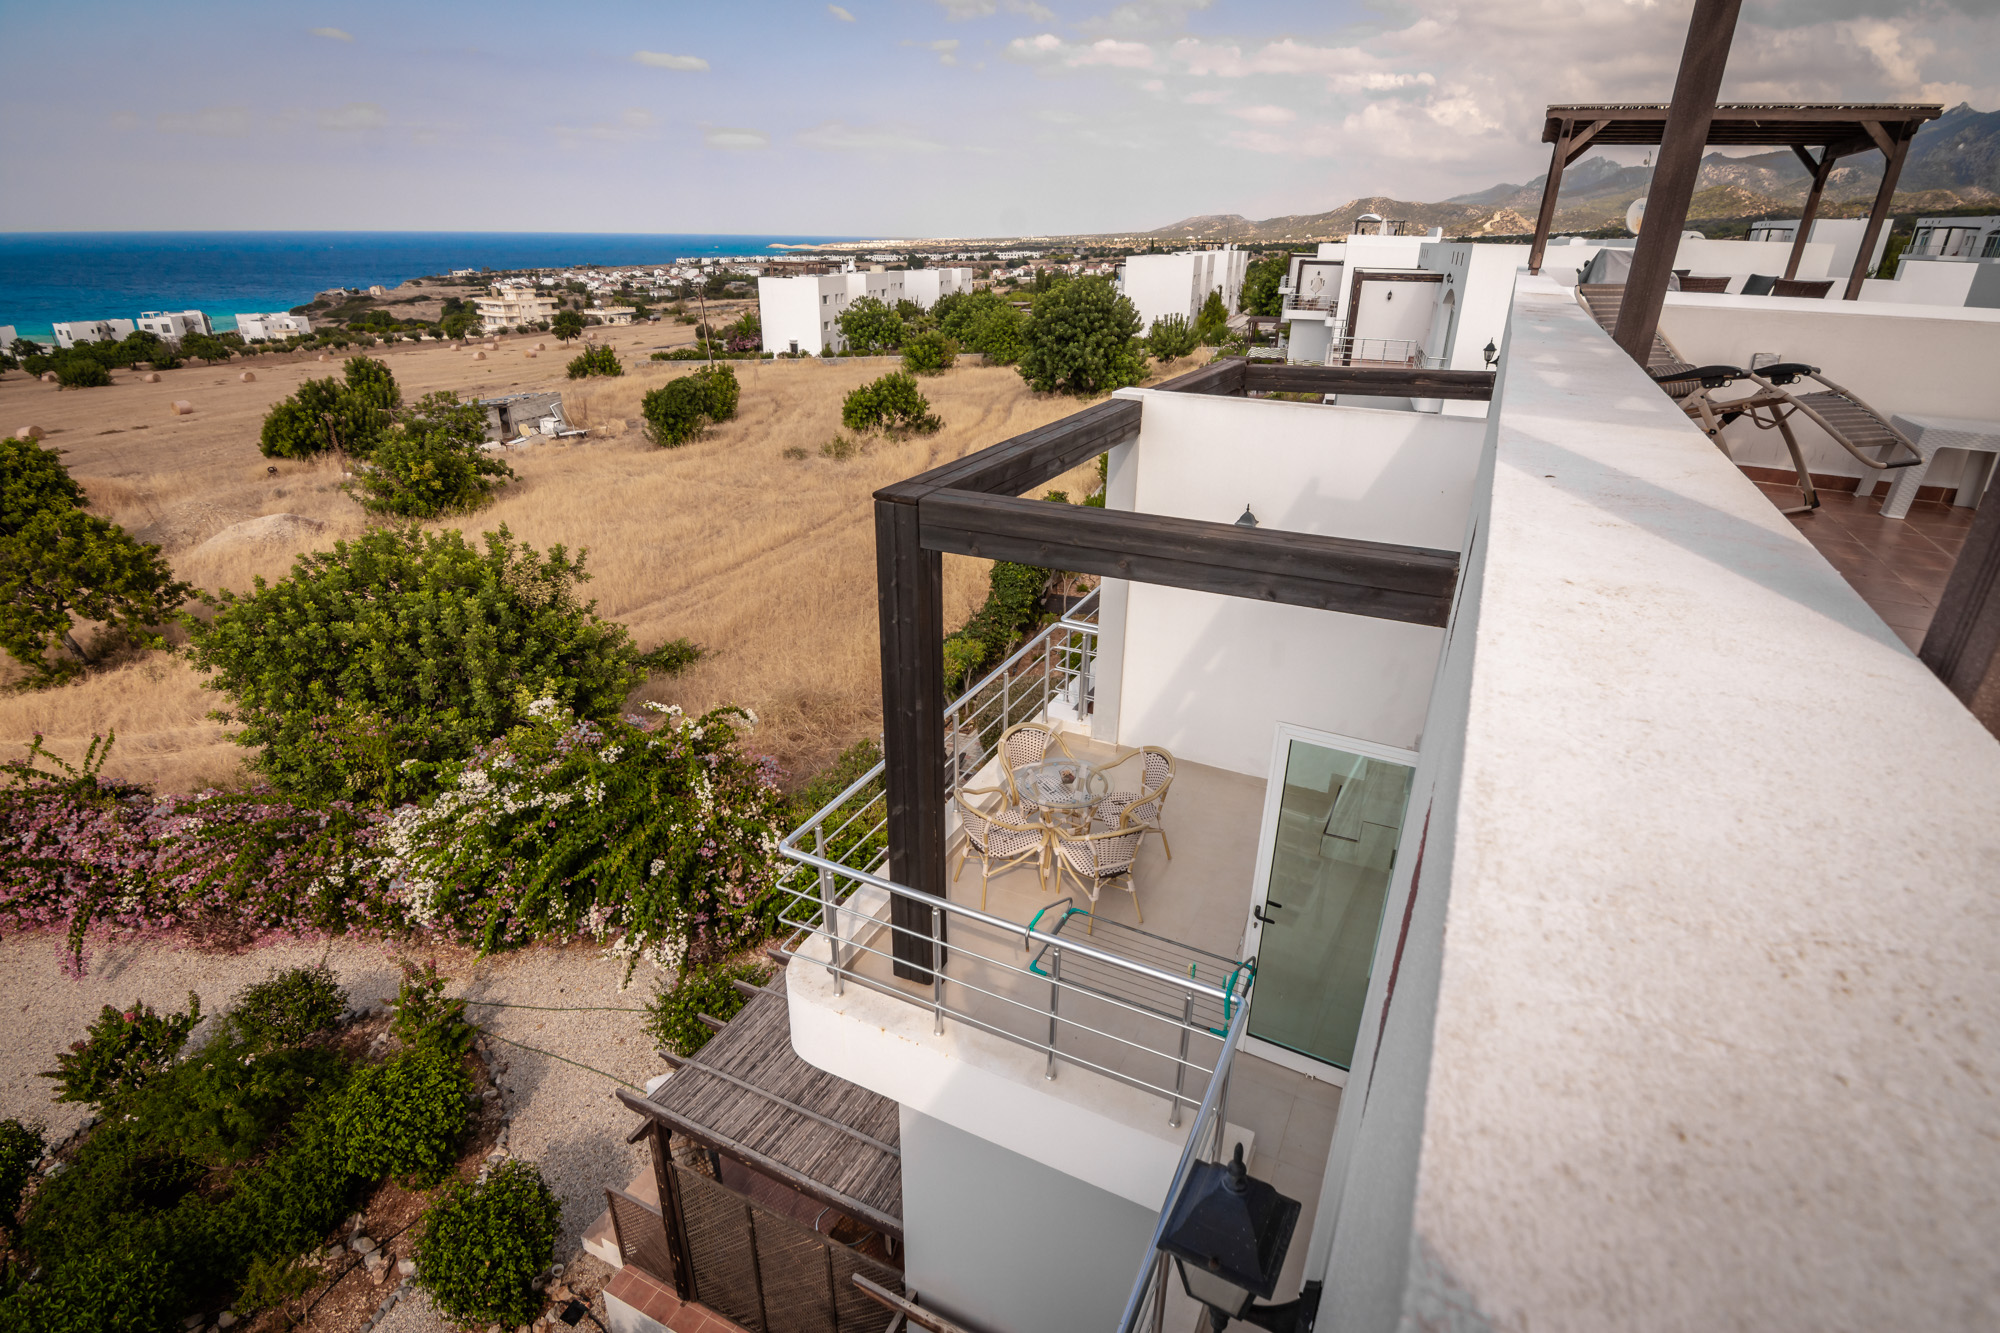 Apartment Joya Cyprus Moonlit Penthouse Apartment photo 20405564